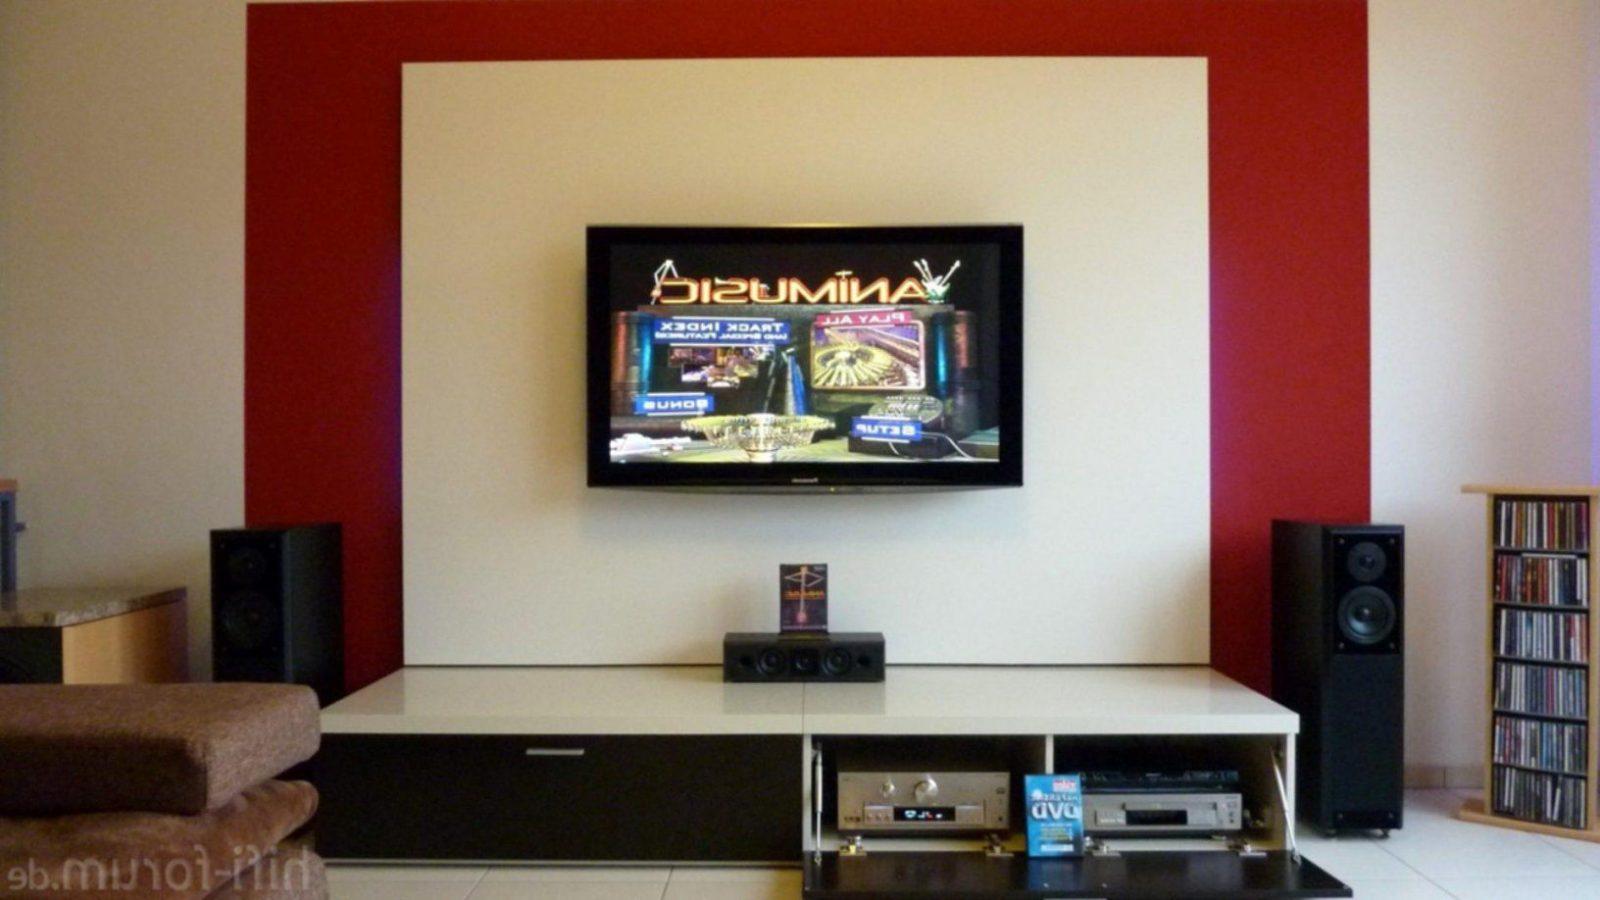 Wohnwand Für Große Fernseher Fernseher Im Wohnzimmer Verstecken von Fernseher Im Wohnzimmer Verstecken Photo